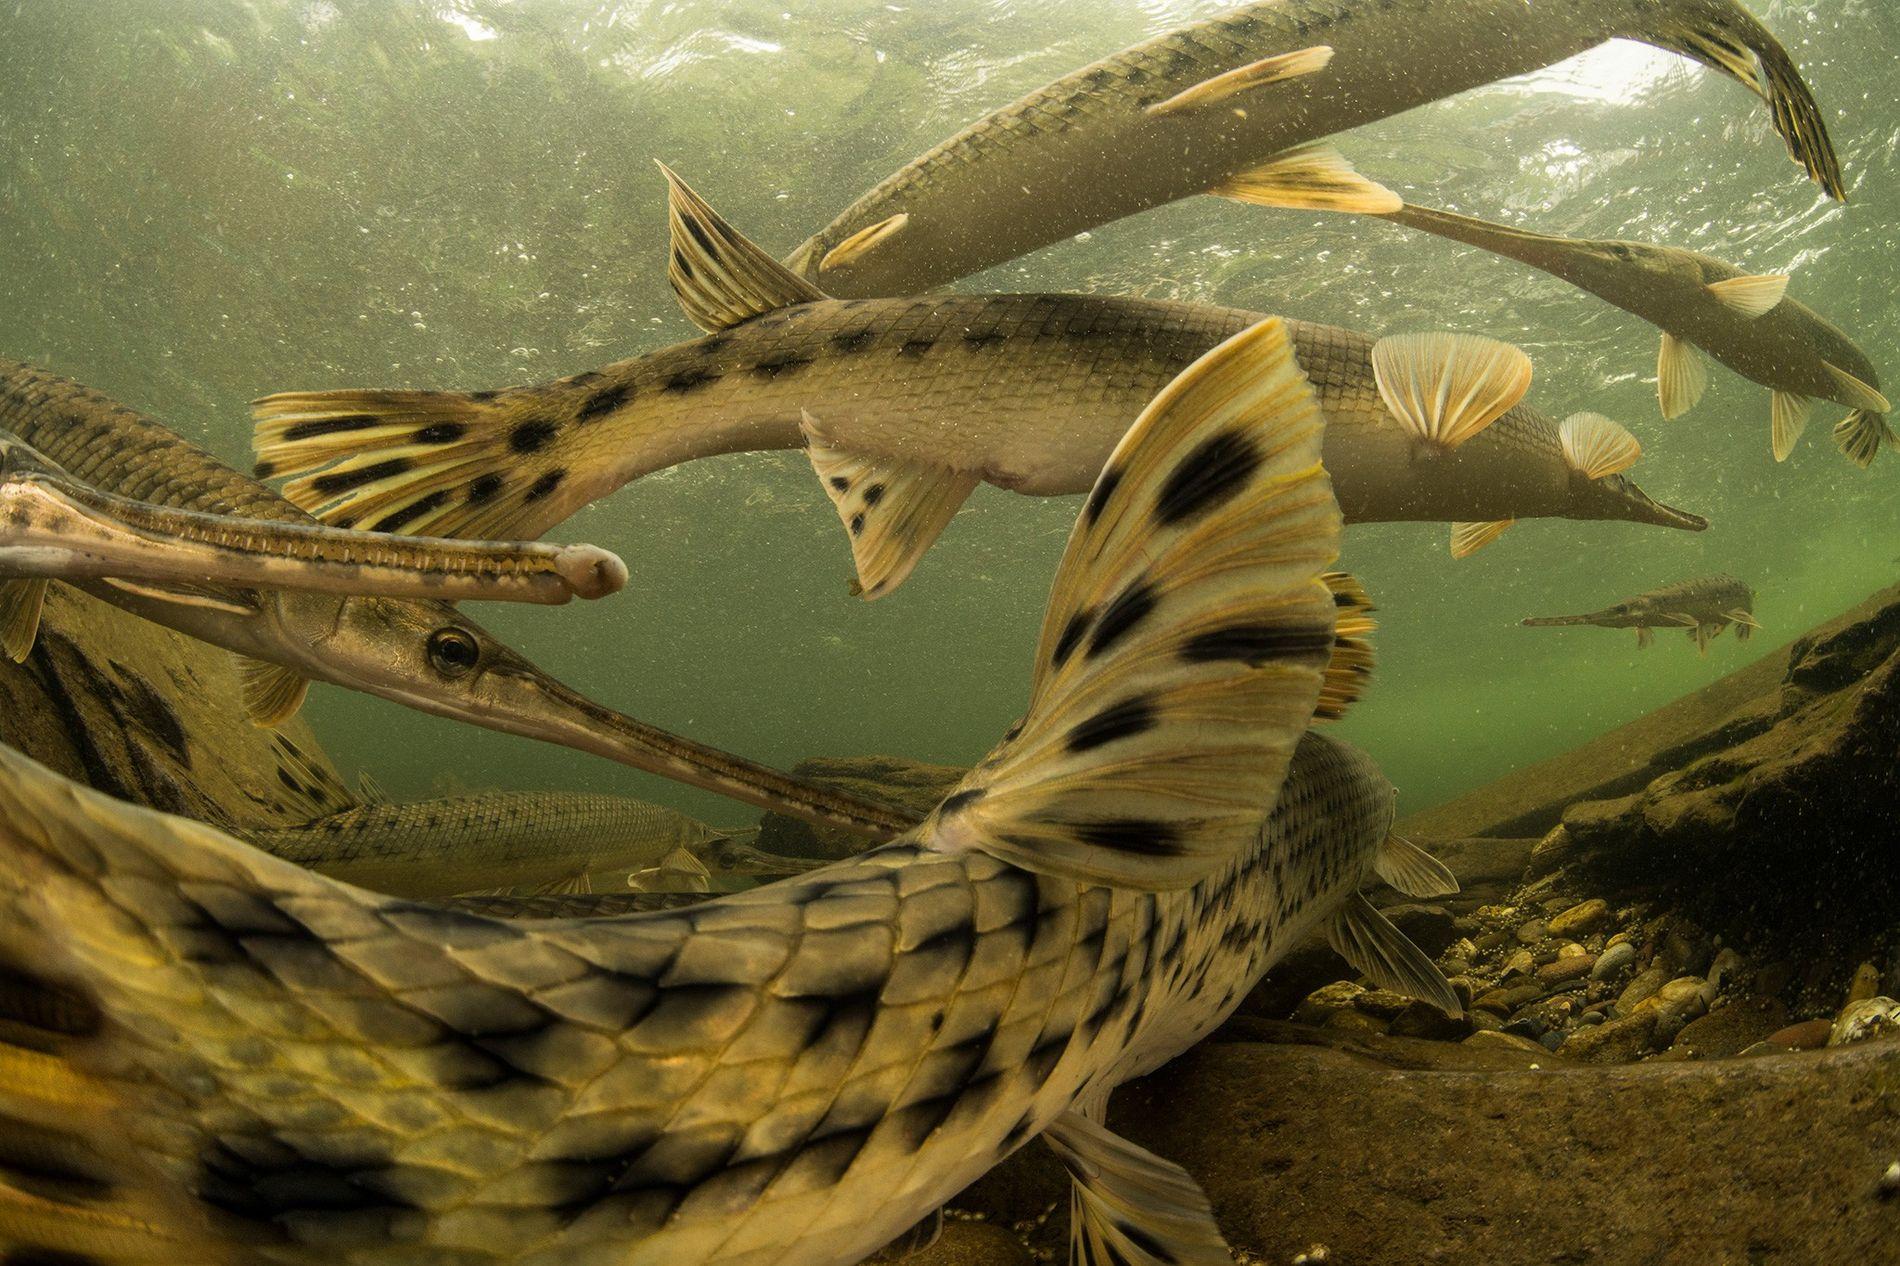 Os peixes-boca-de-jacaré são peixes primitivos que não mudaram muito desde os tempos pré-históricos. Uma fêmea pronta para desovar é seguida por um grupo de machos que pretendem fertilizar seus ovos do tamanho de ervilhas—todos os 30 mil ovos.